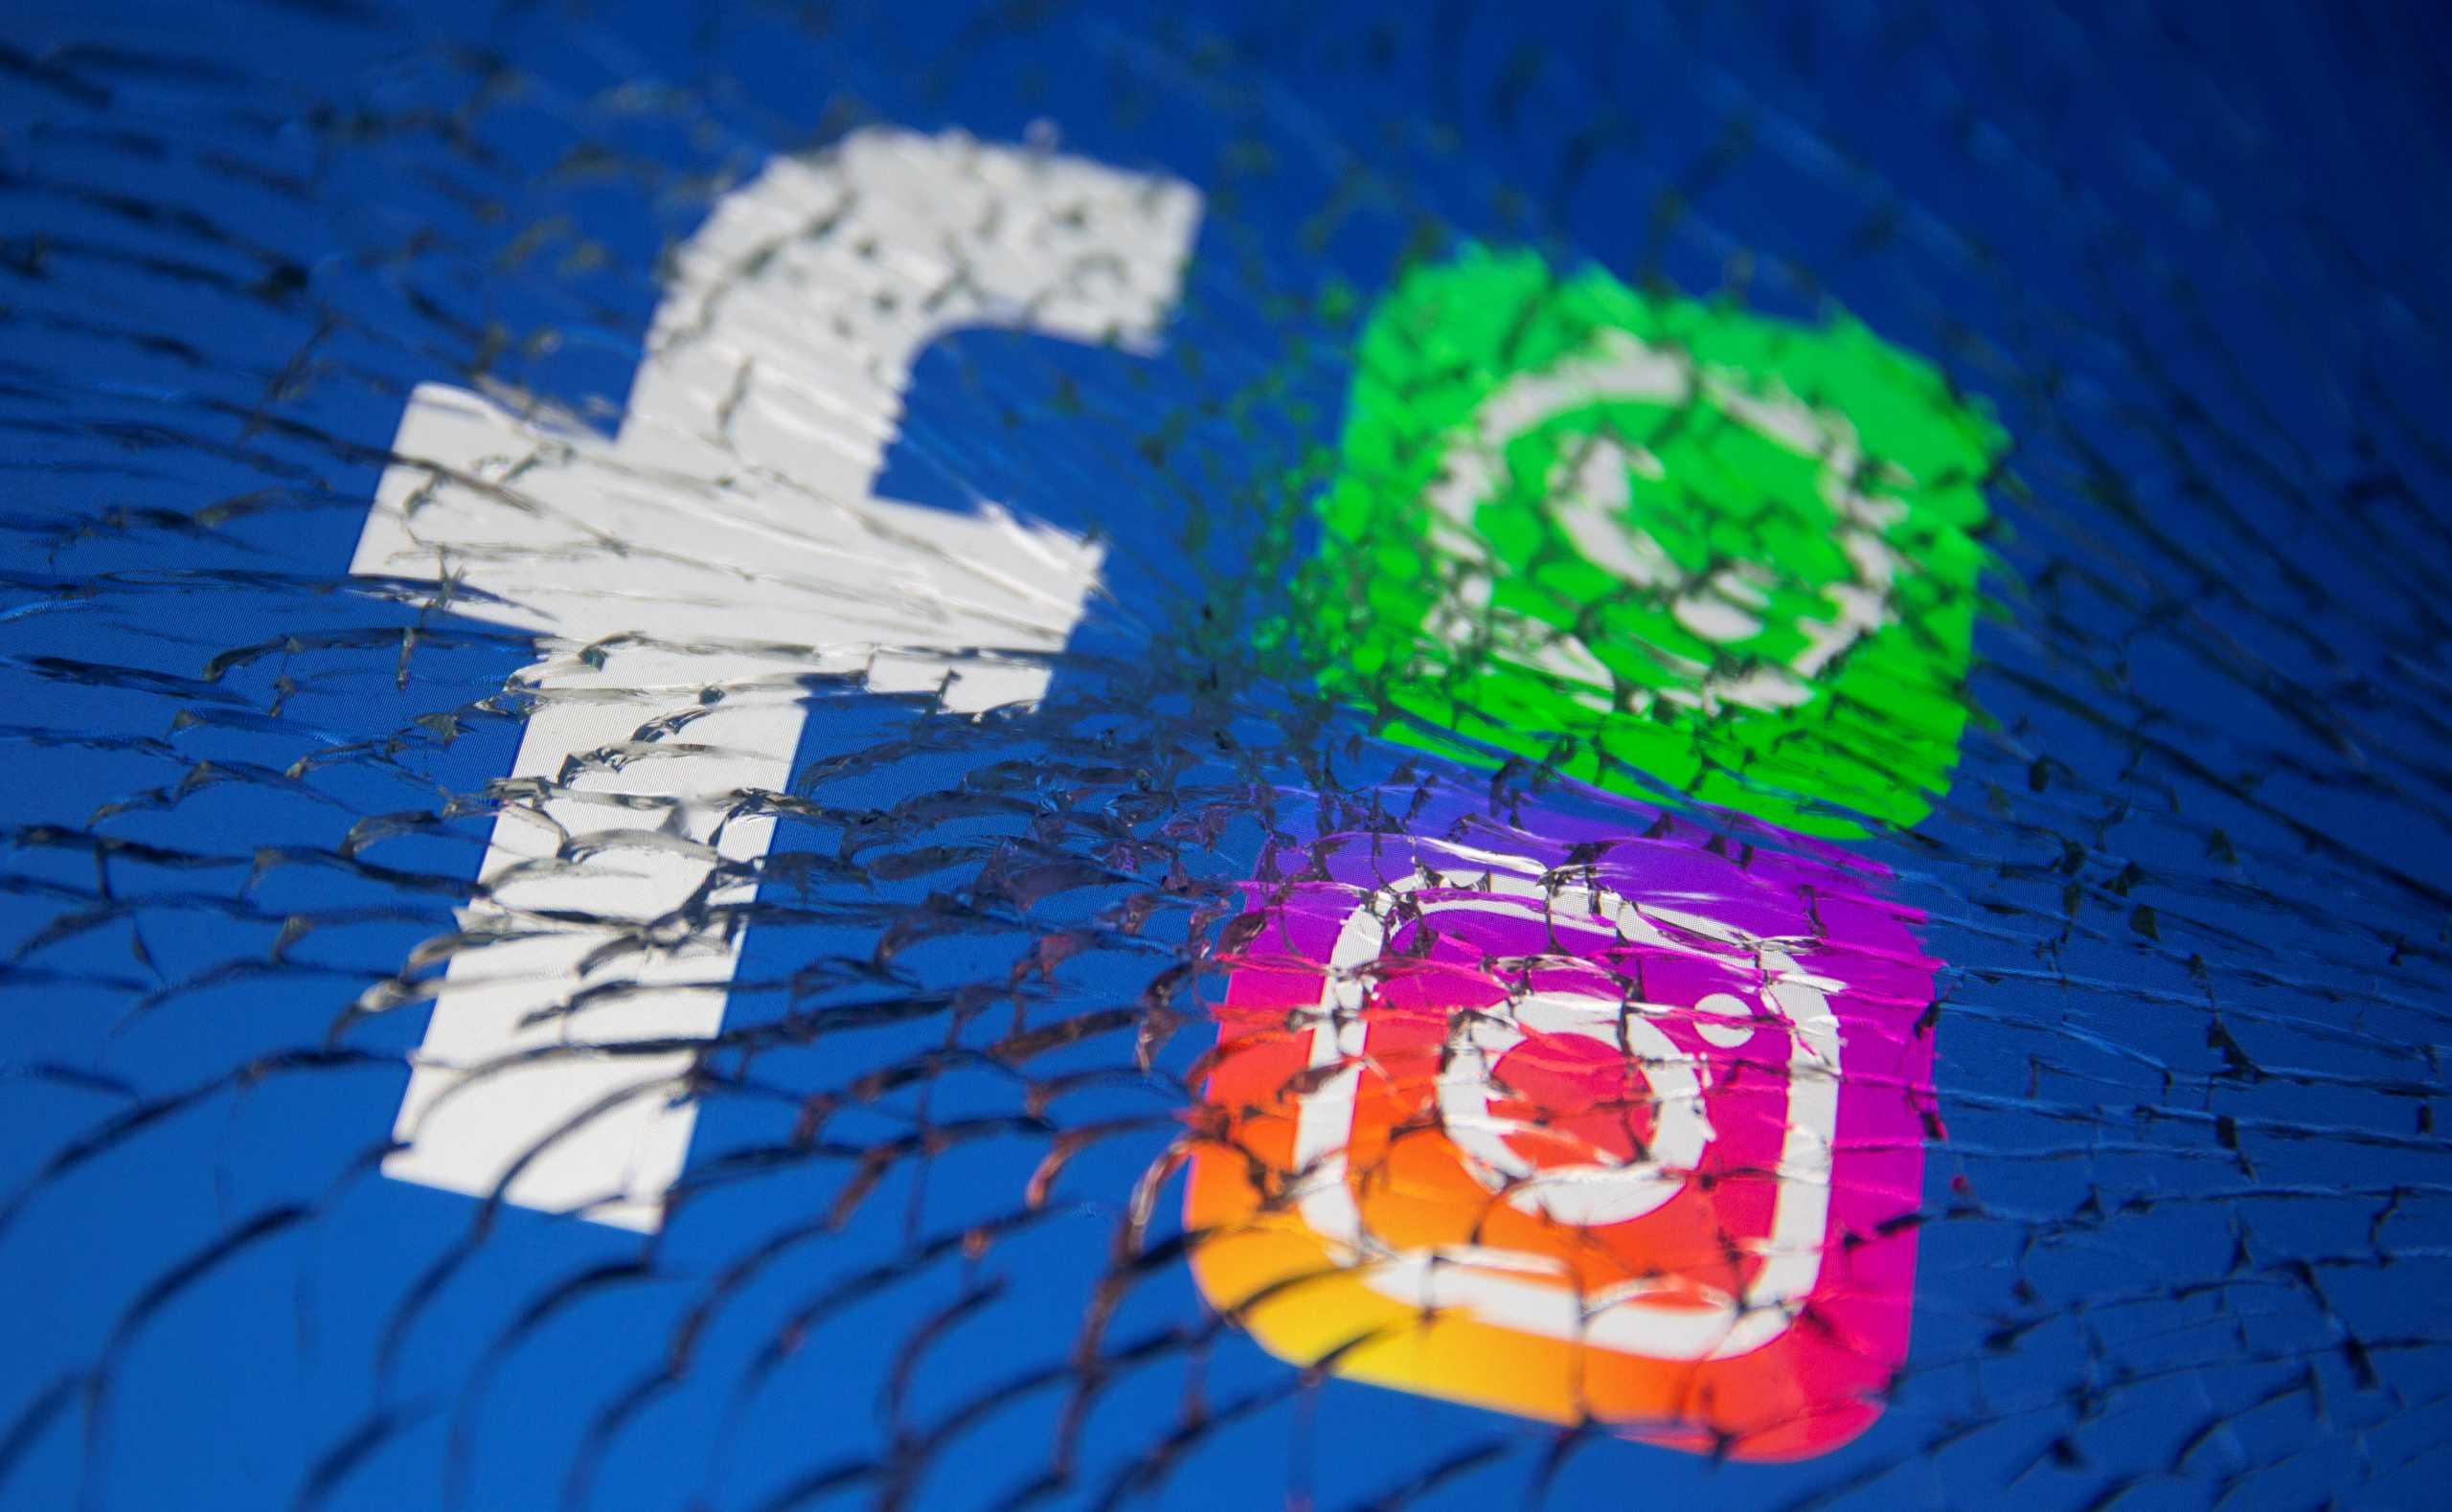 Γιατί έπεσε το Facebook: Η ανακοίνωση της εταιρείας